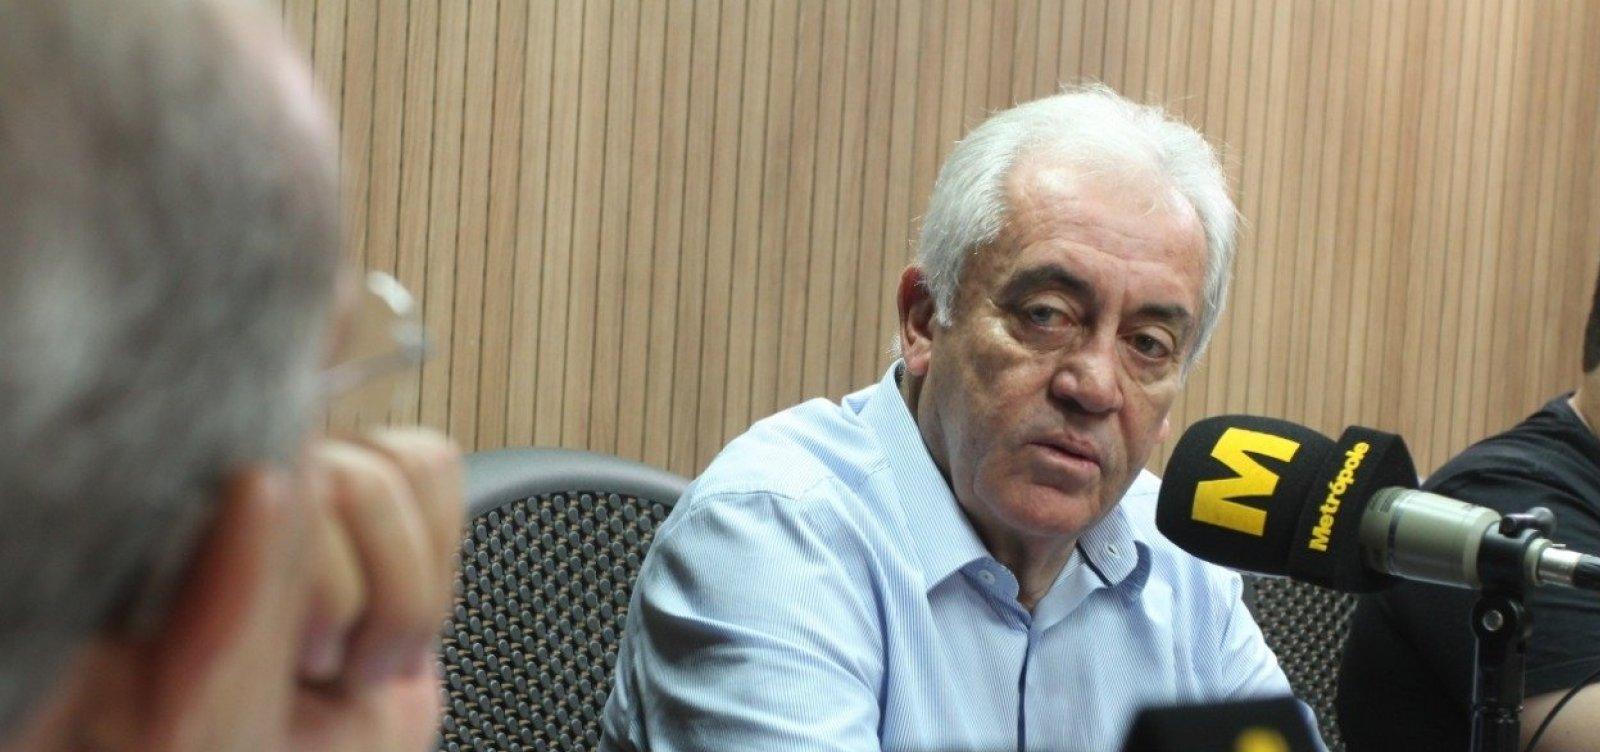 Otto diz que Dilma era 'professora de Deus' e revela discordância sobre o Rio São Francisco